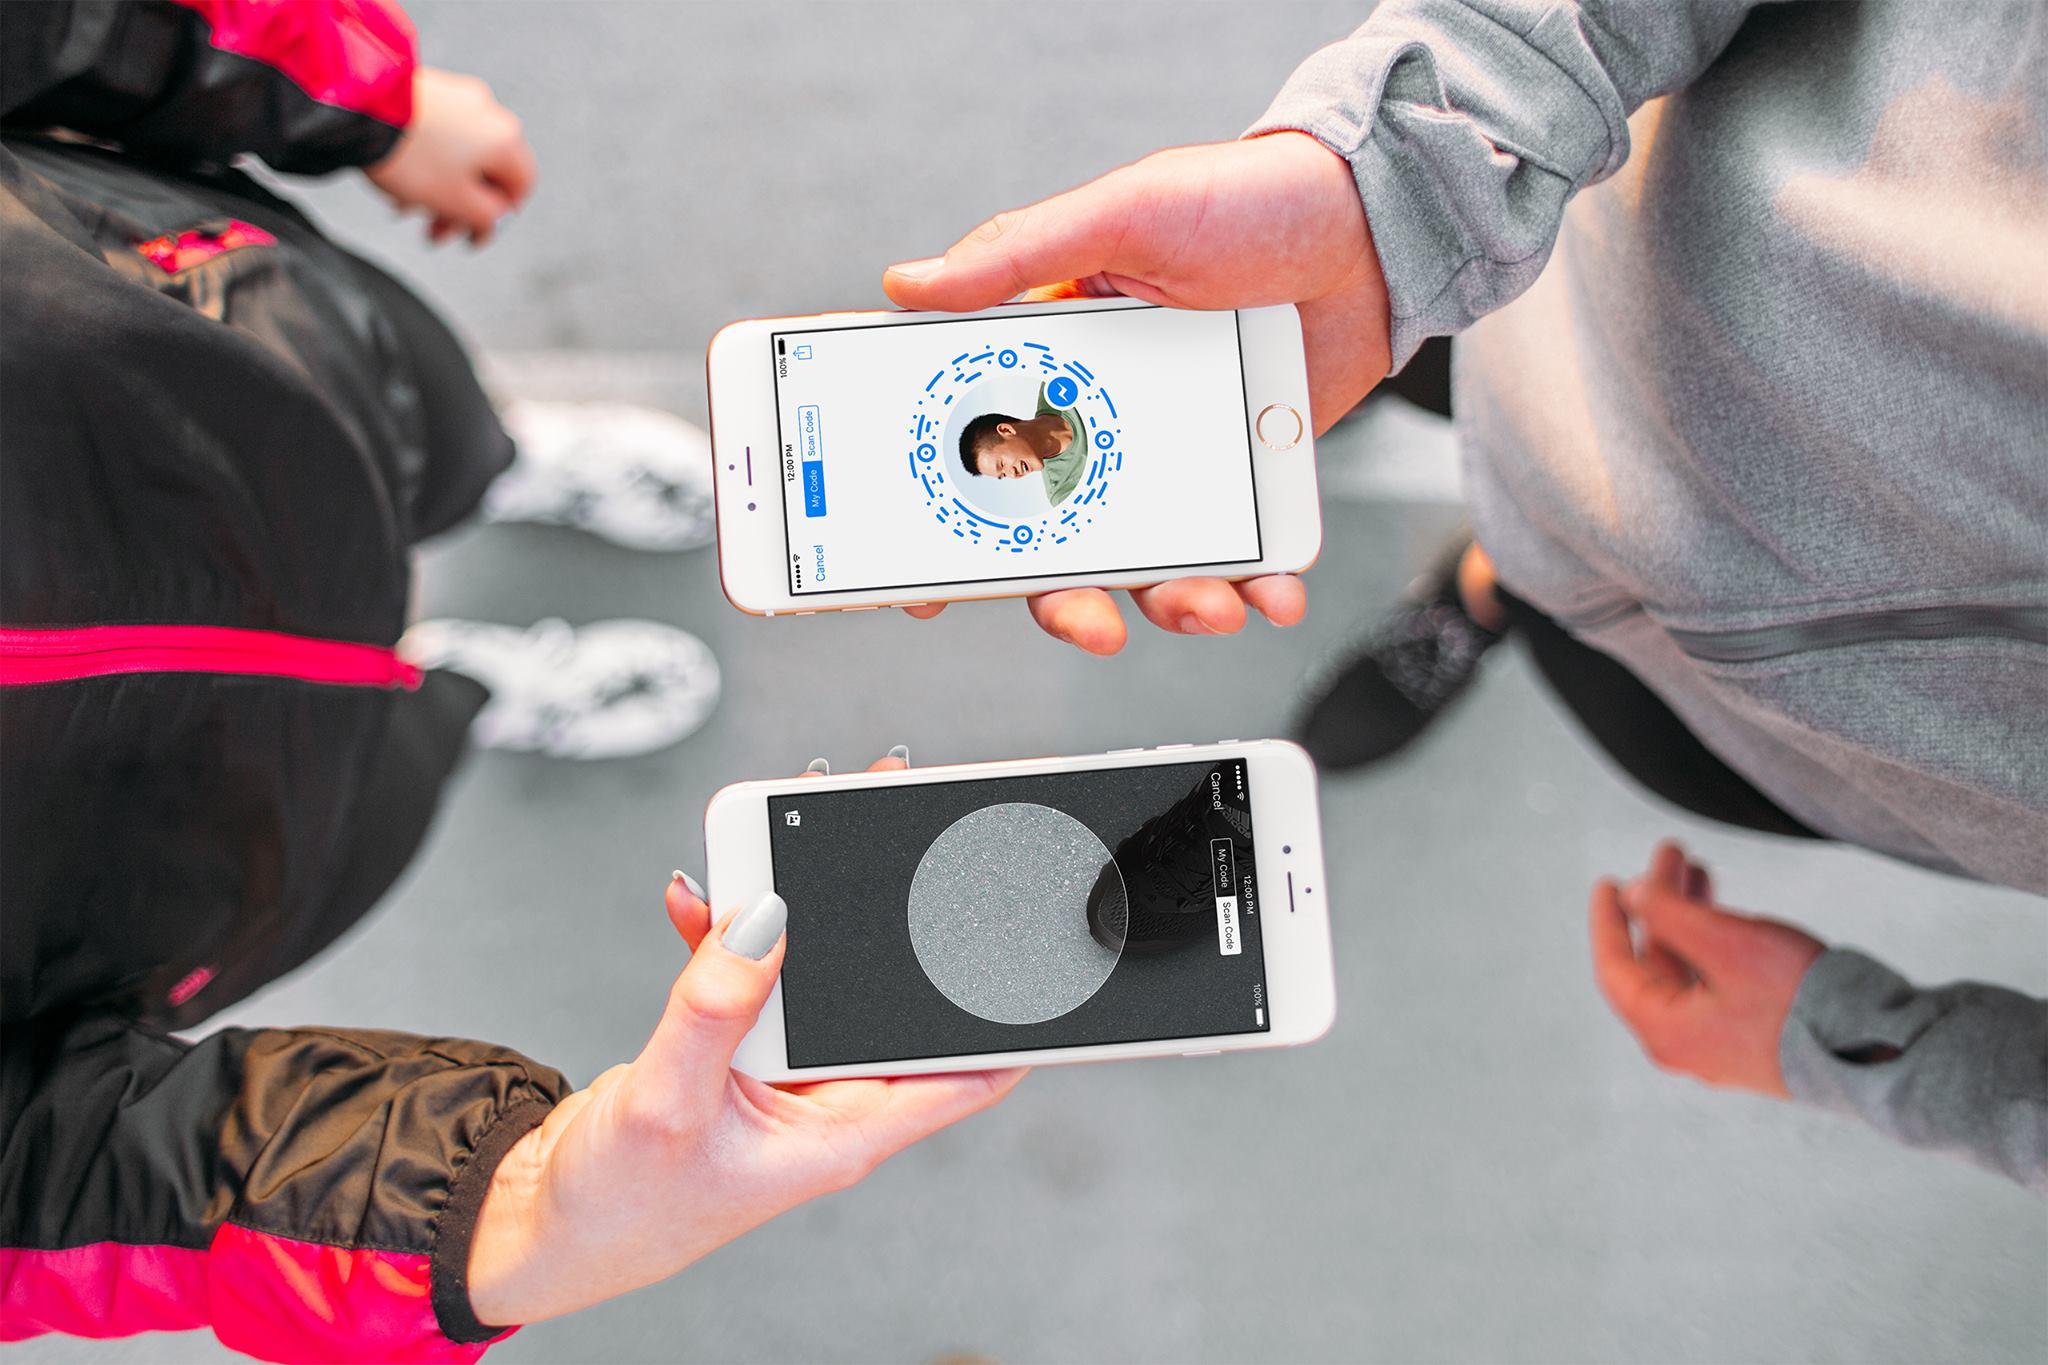 900 млн. пользователей Facebook Messenger и новые функции для бизнеса